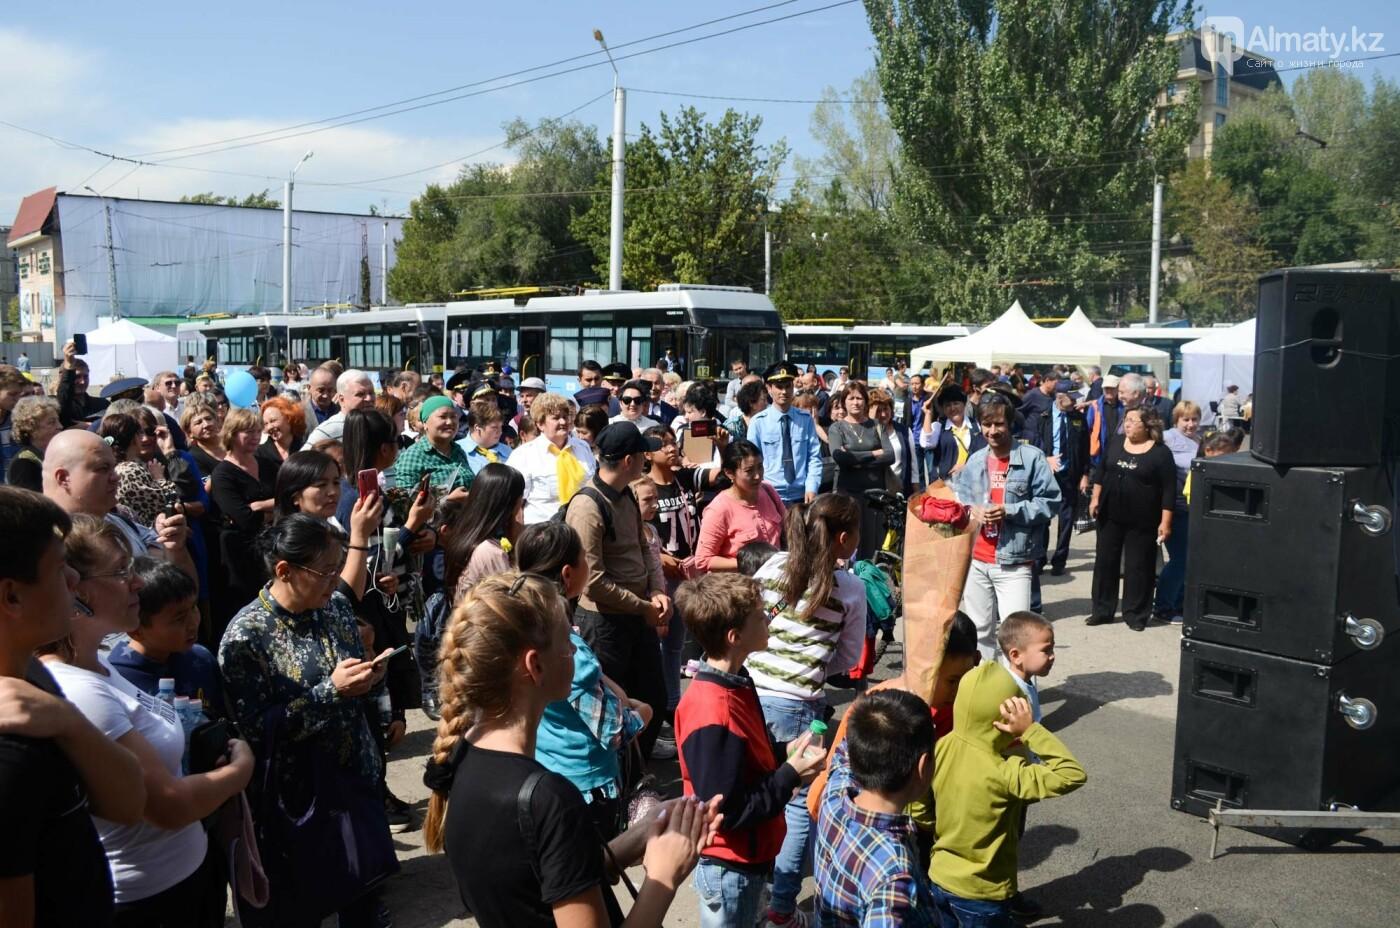 Юбилей троллейбуса отметили в Алматы (фото), фото-1